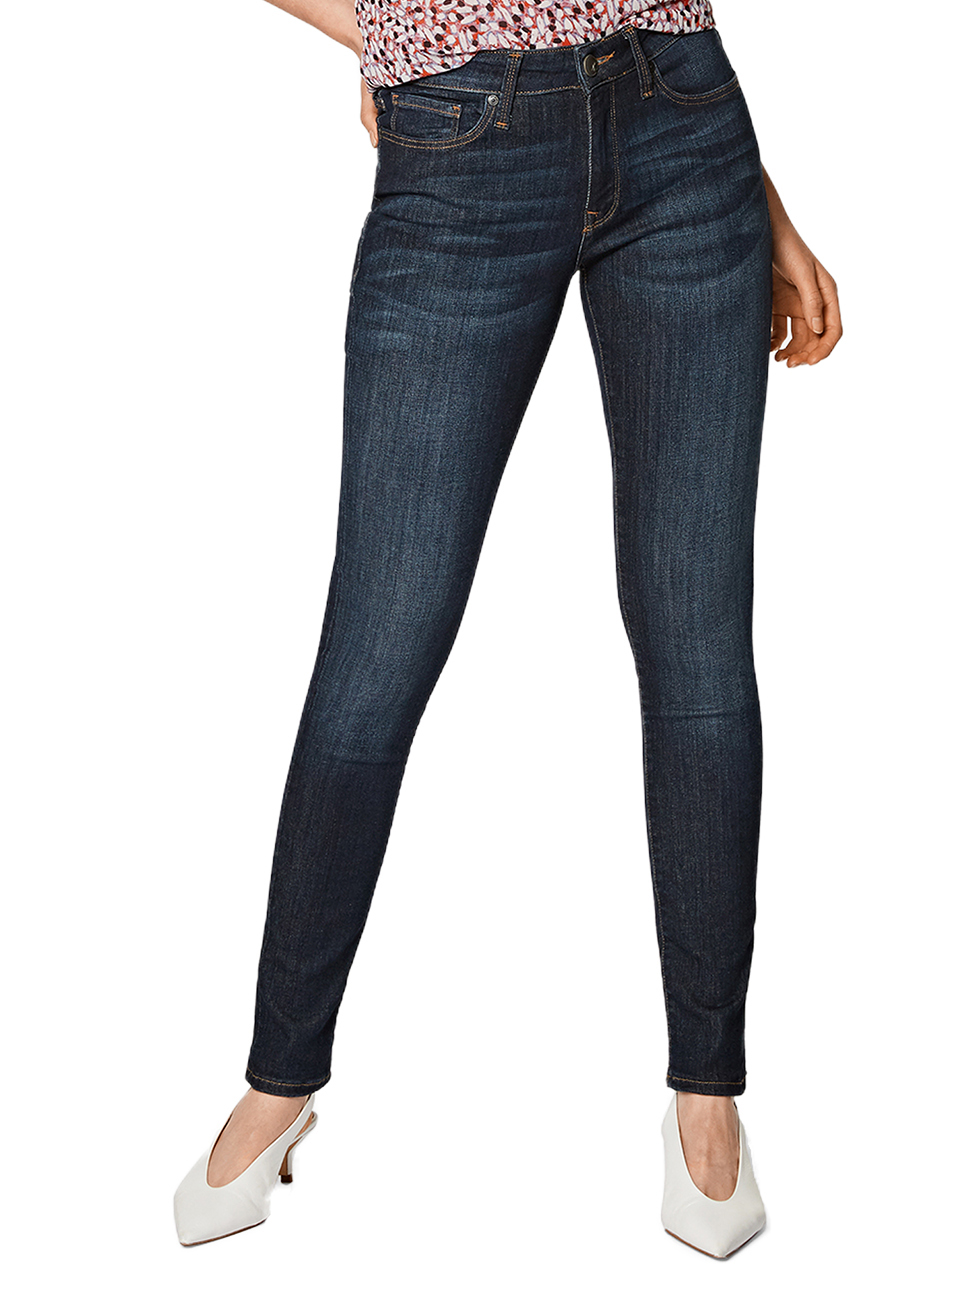 Lee Damen Jeans Scarlett Slam Damage Blau Skinny Fit